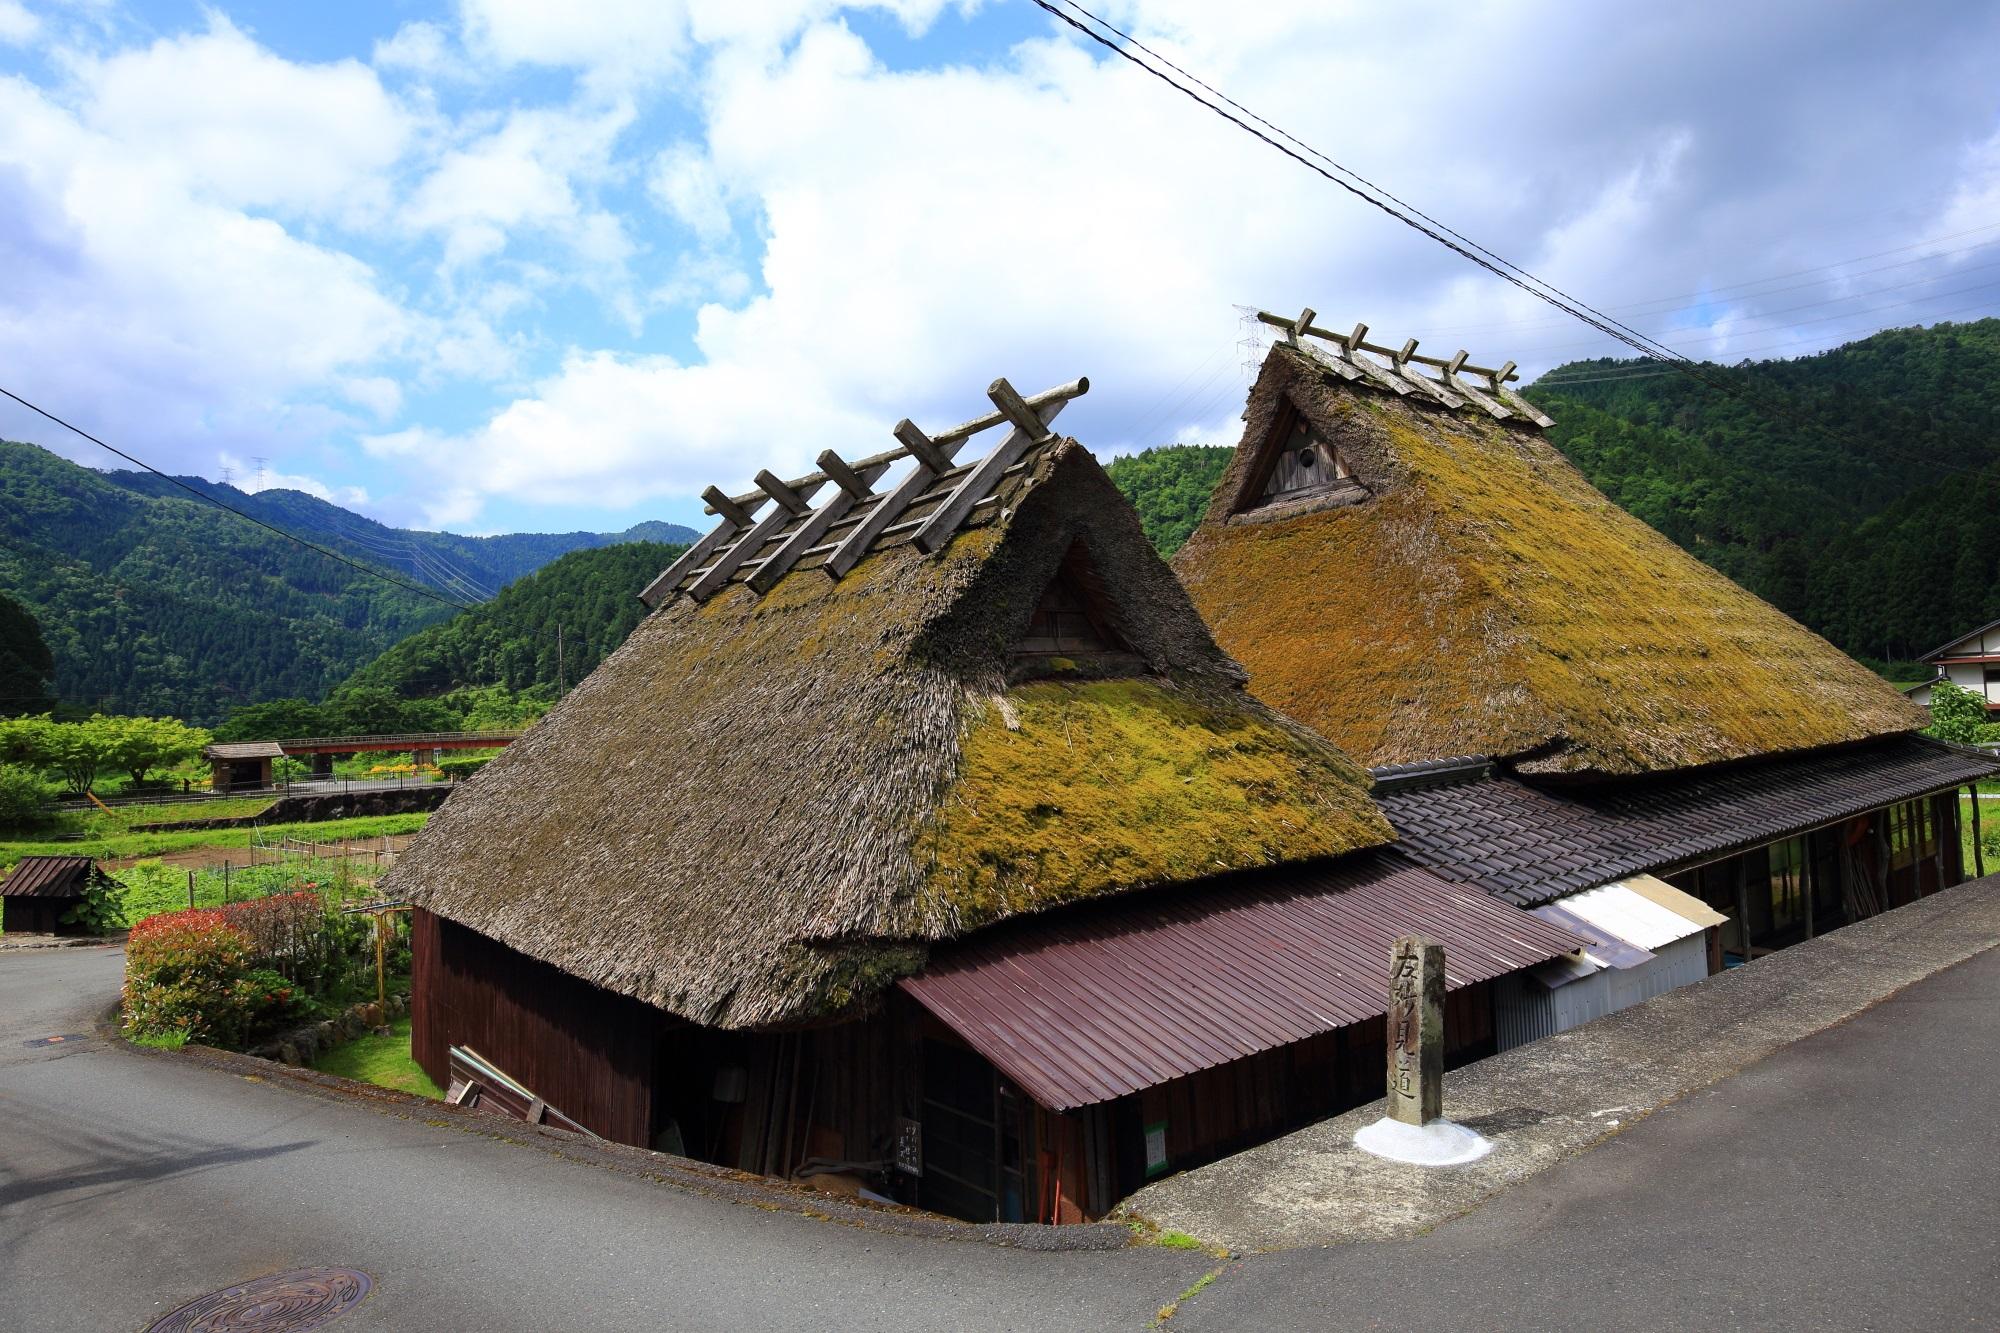 江戸時代に建てられた建物が約四割ほどしめるかやぶきの里